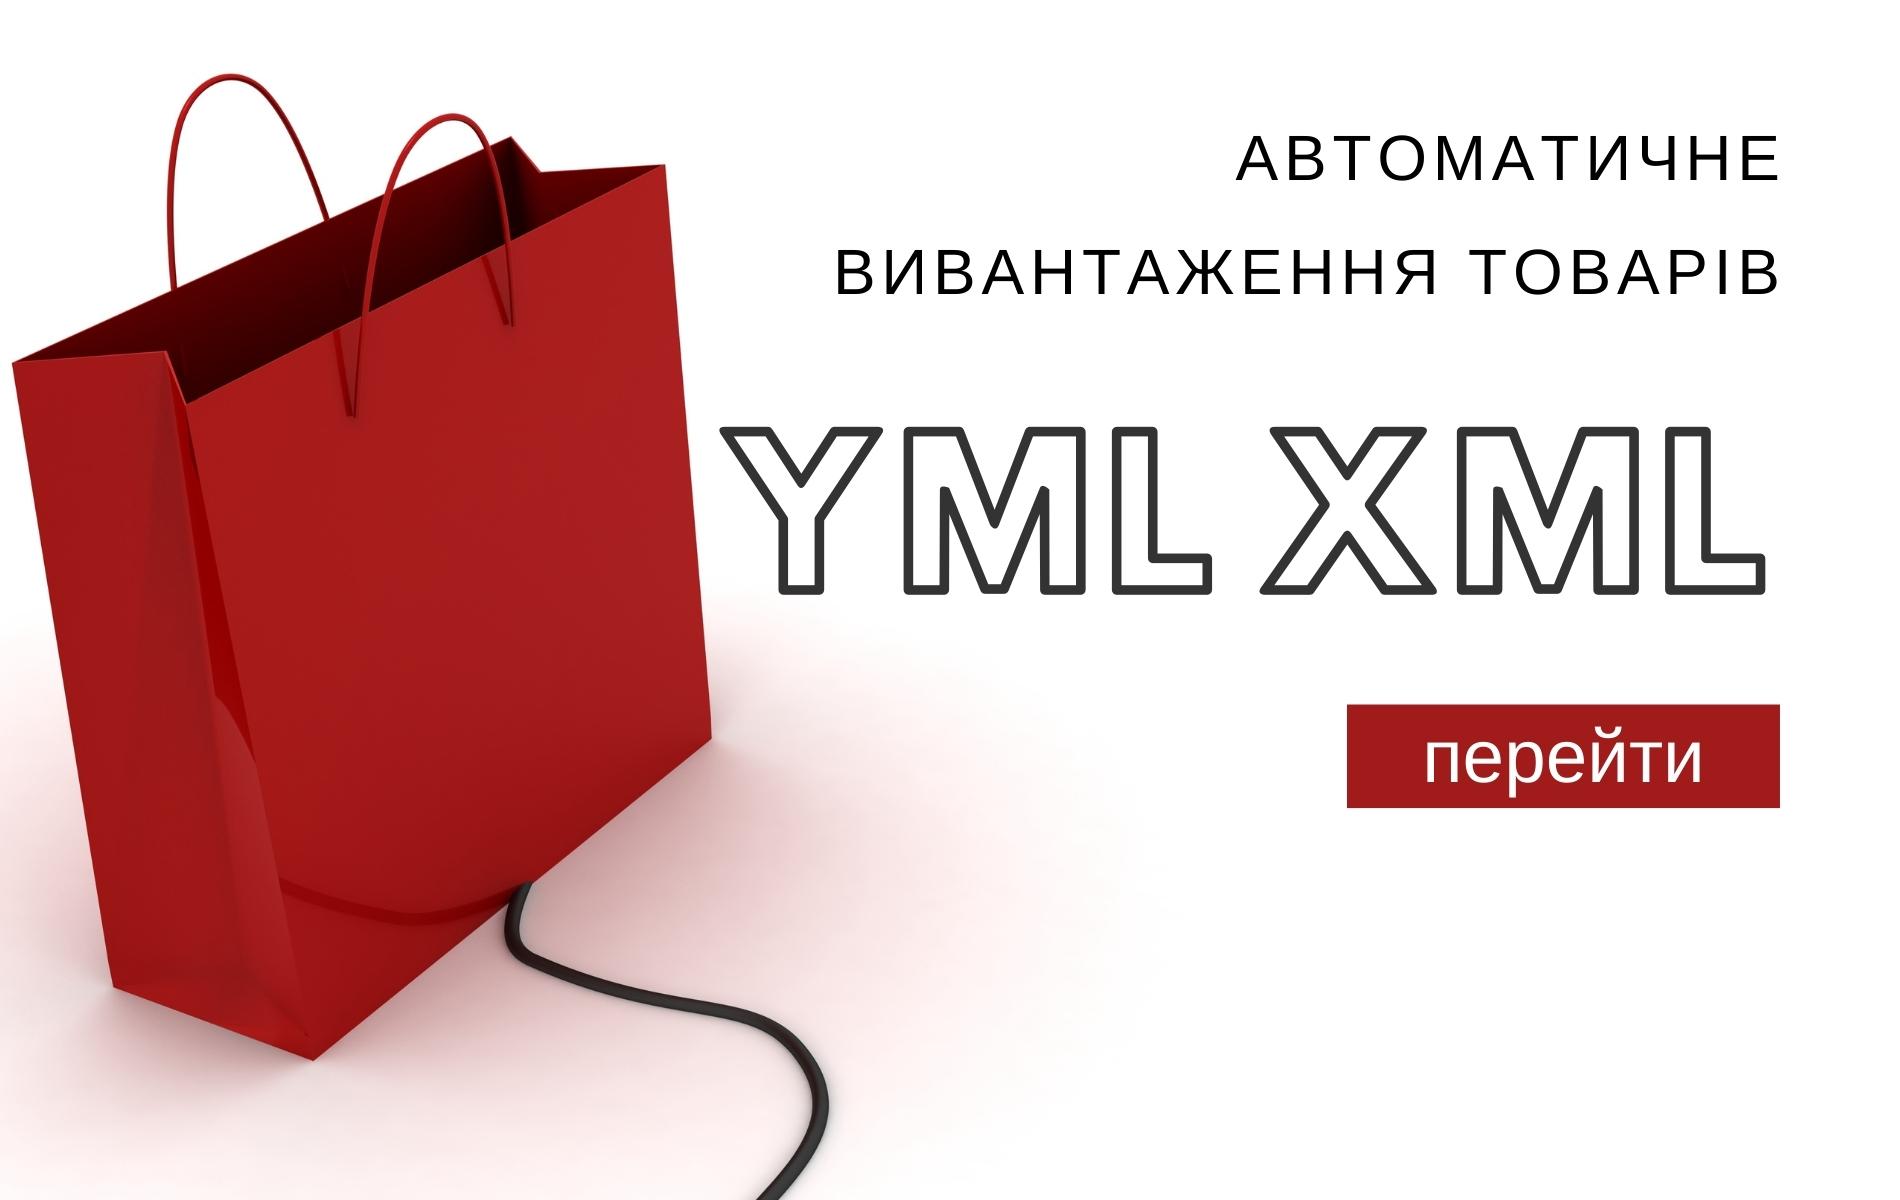 Автоматичне вивантаження товарів в форматі XML / YML